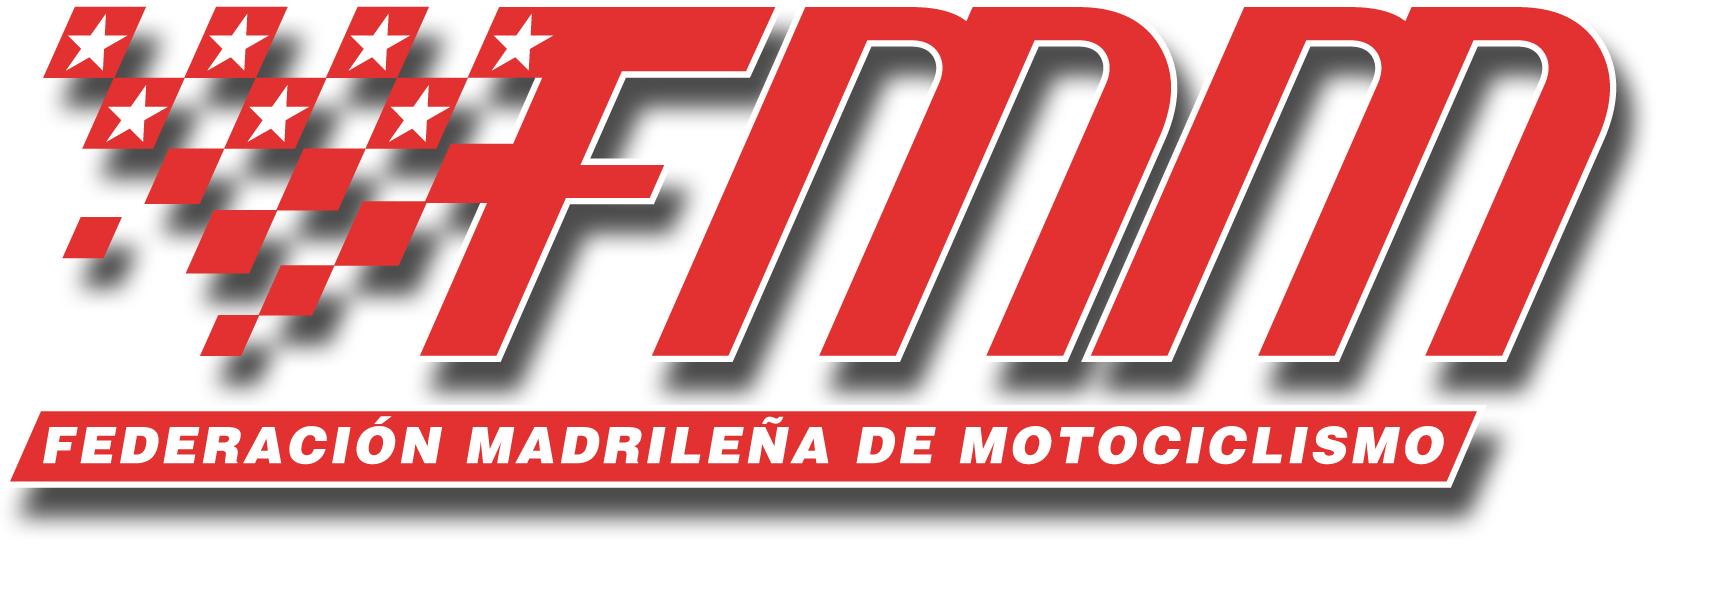 Gala de Campeones y vencedores Federación Madrileña Motociclismo 2011